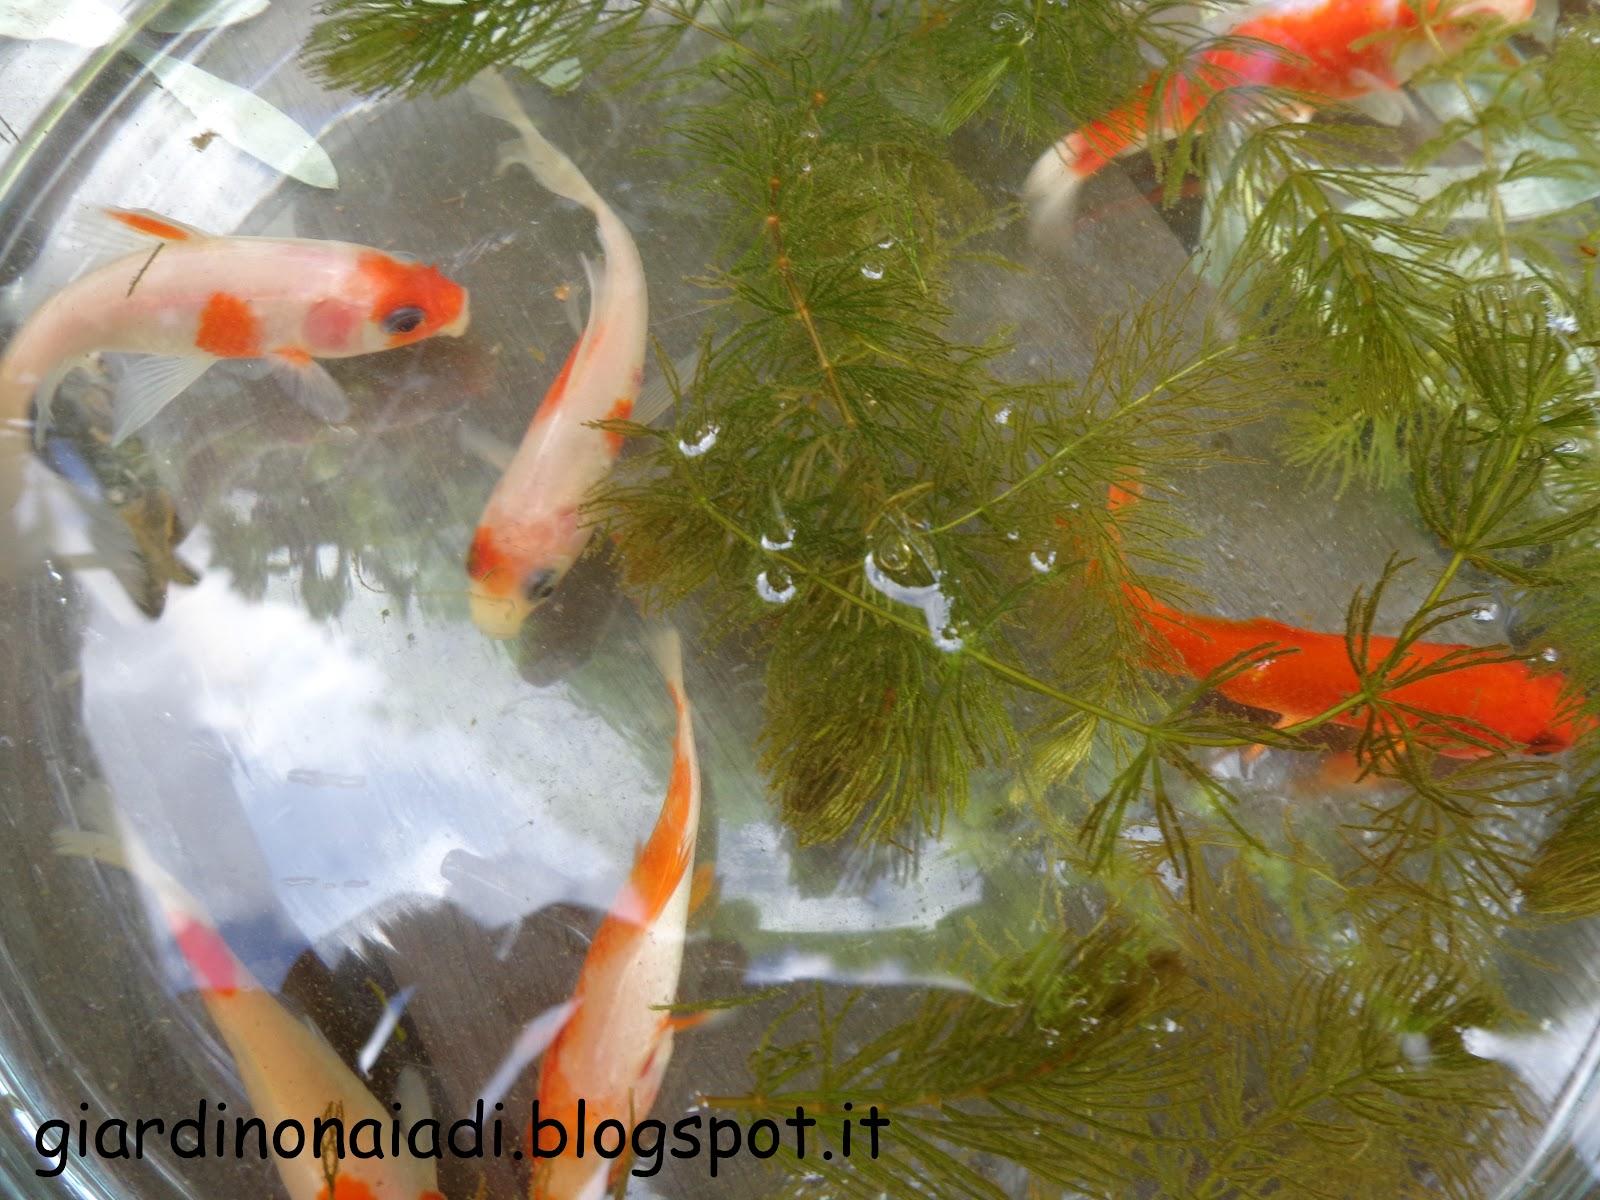 Il giardino delle naiadi carassius auratus pesce rosso for Contenitore per pesci